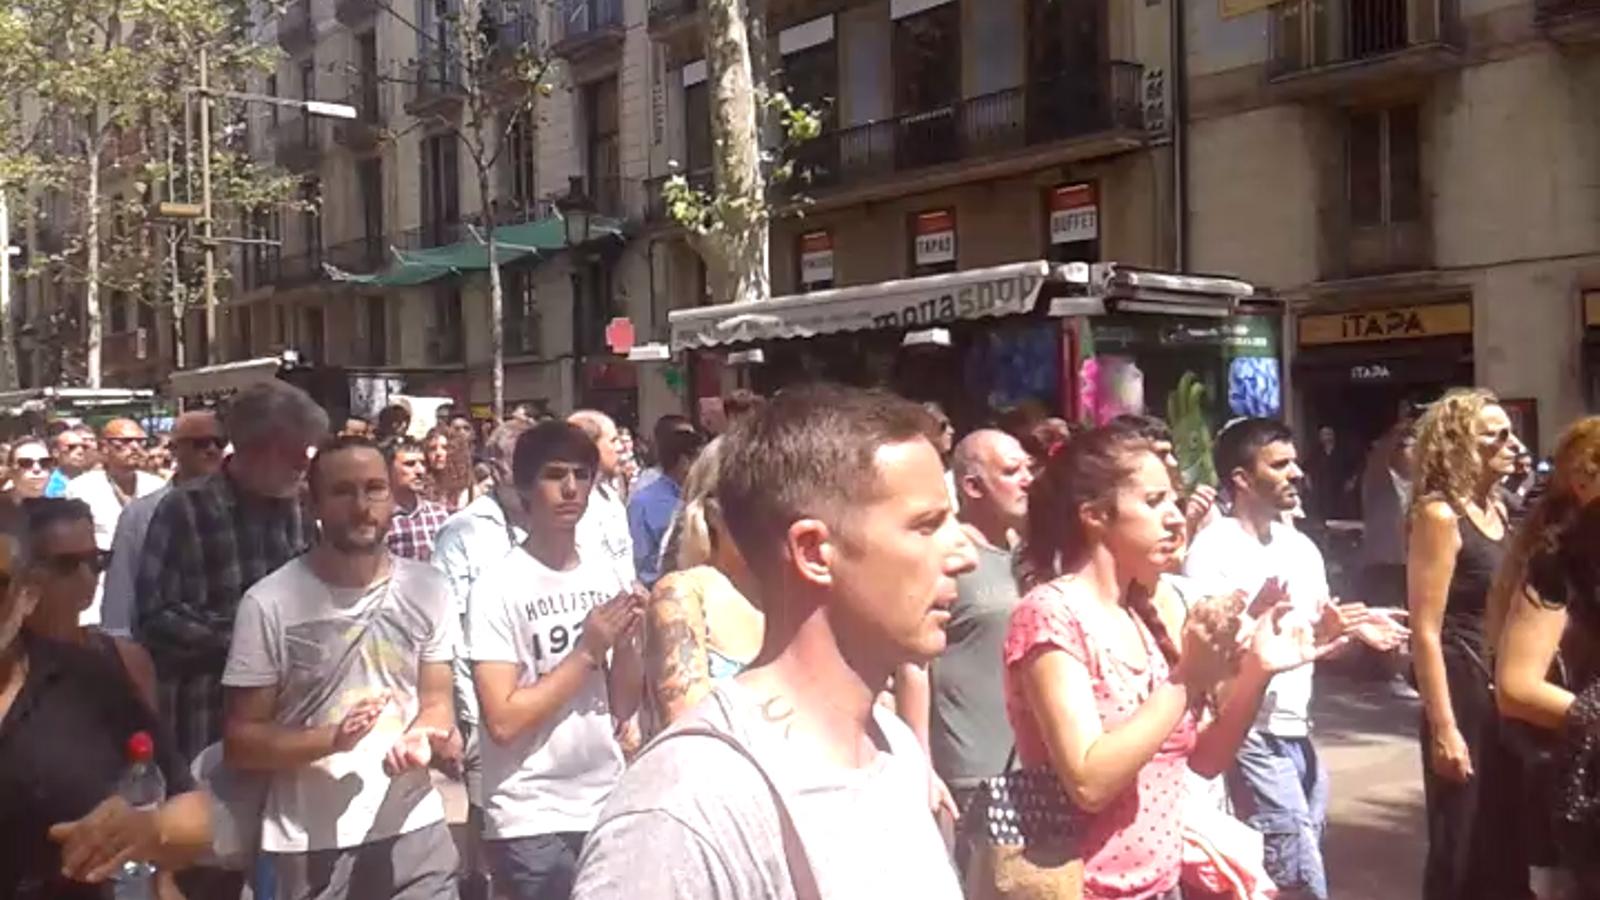 """La gent baixa per La Rambla aplaudint i cridant: """"No tenim por"""""""